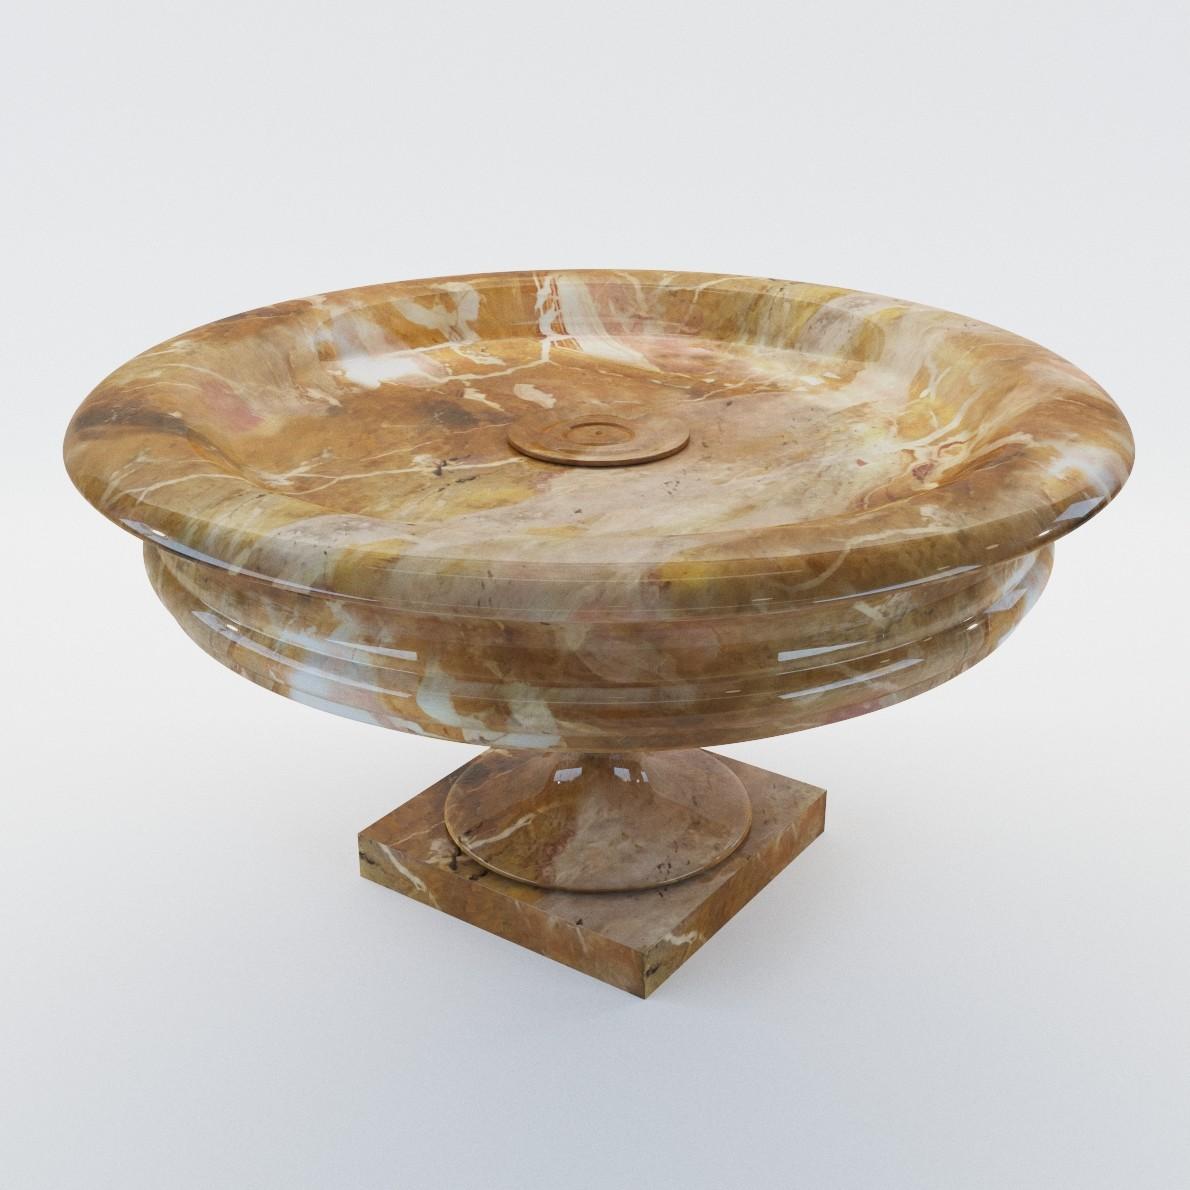 Sculpture Marble Dish 3d Realistic Model Artium3d